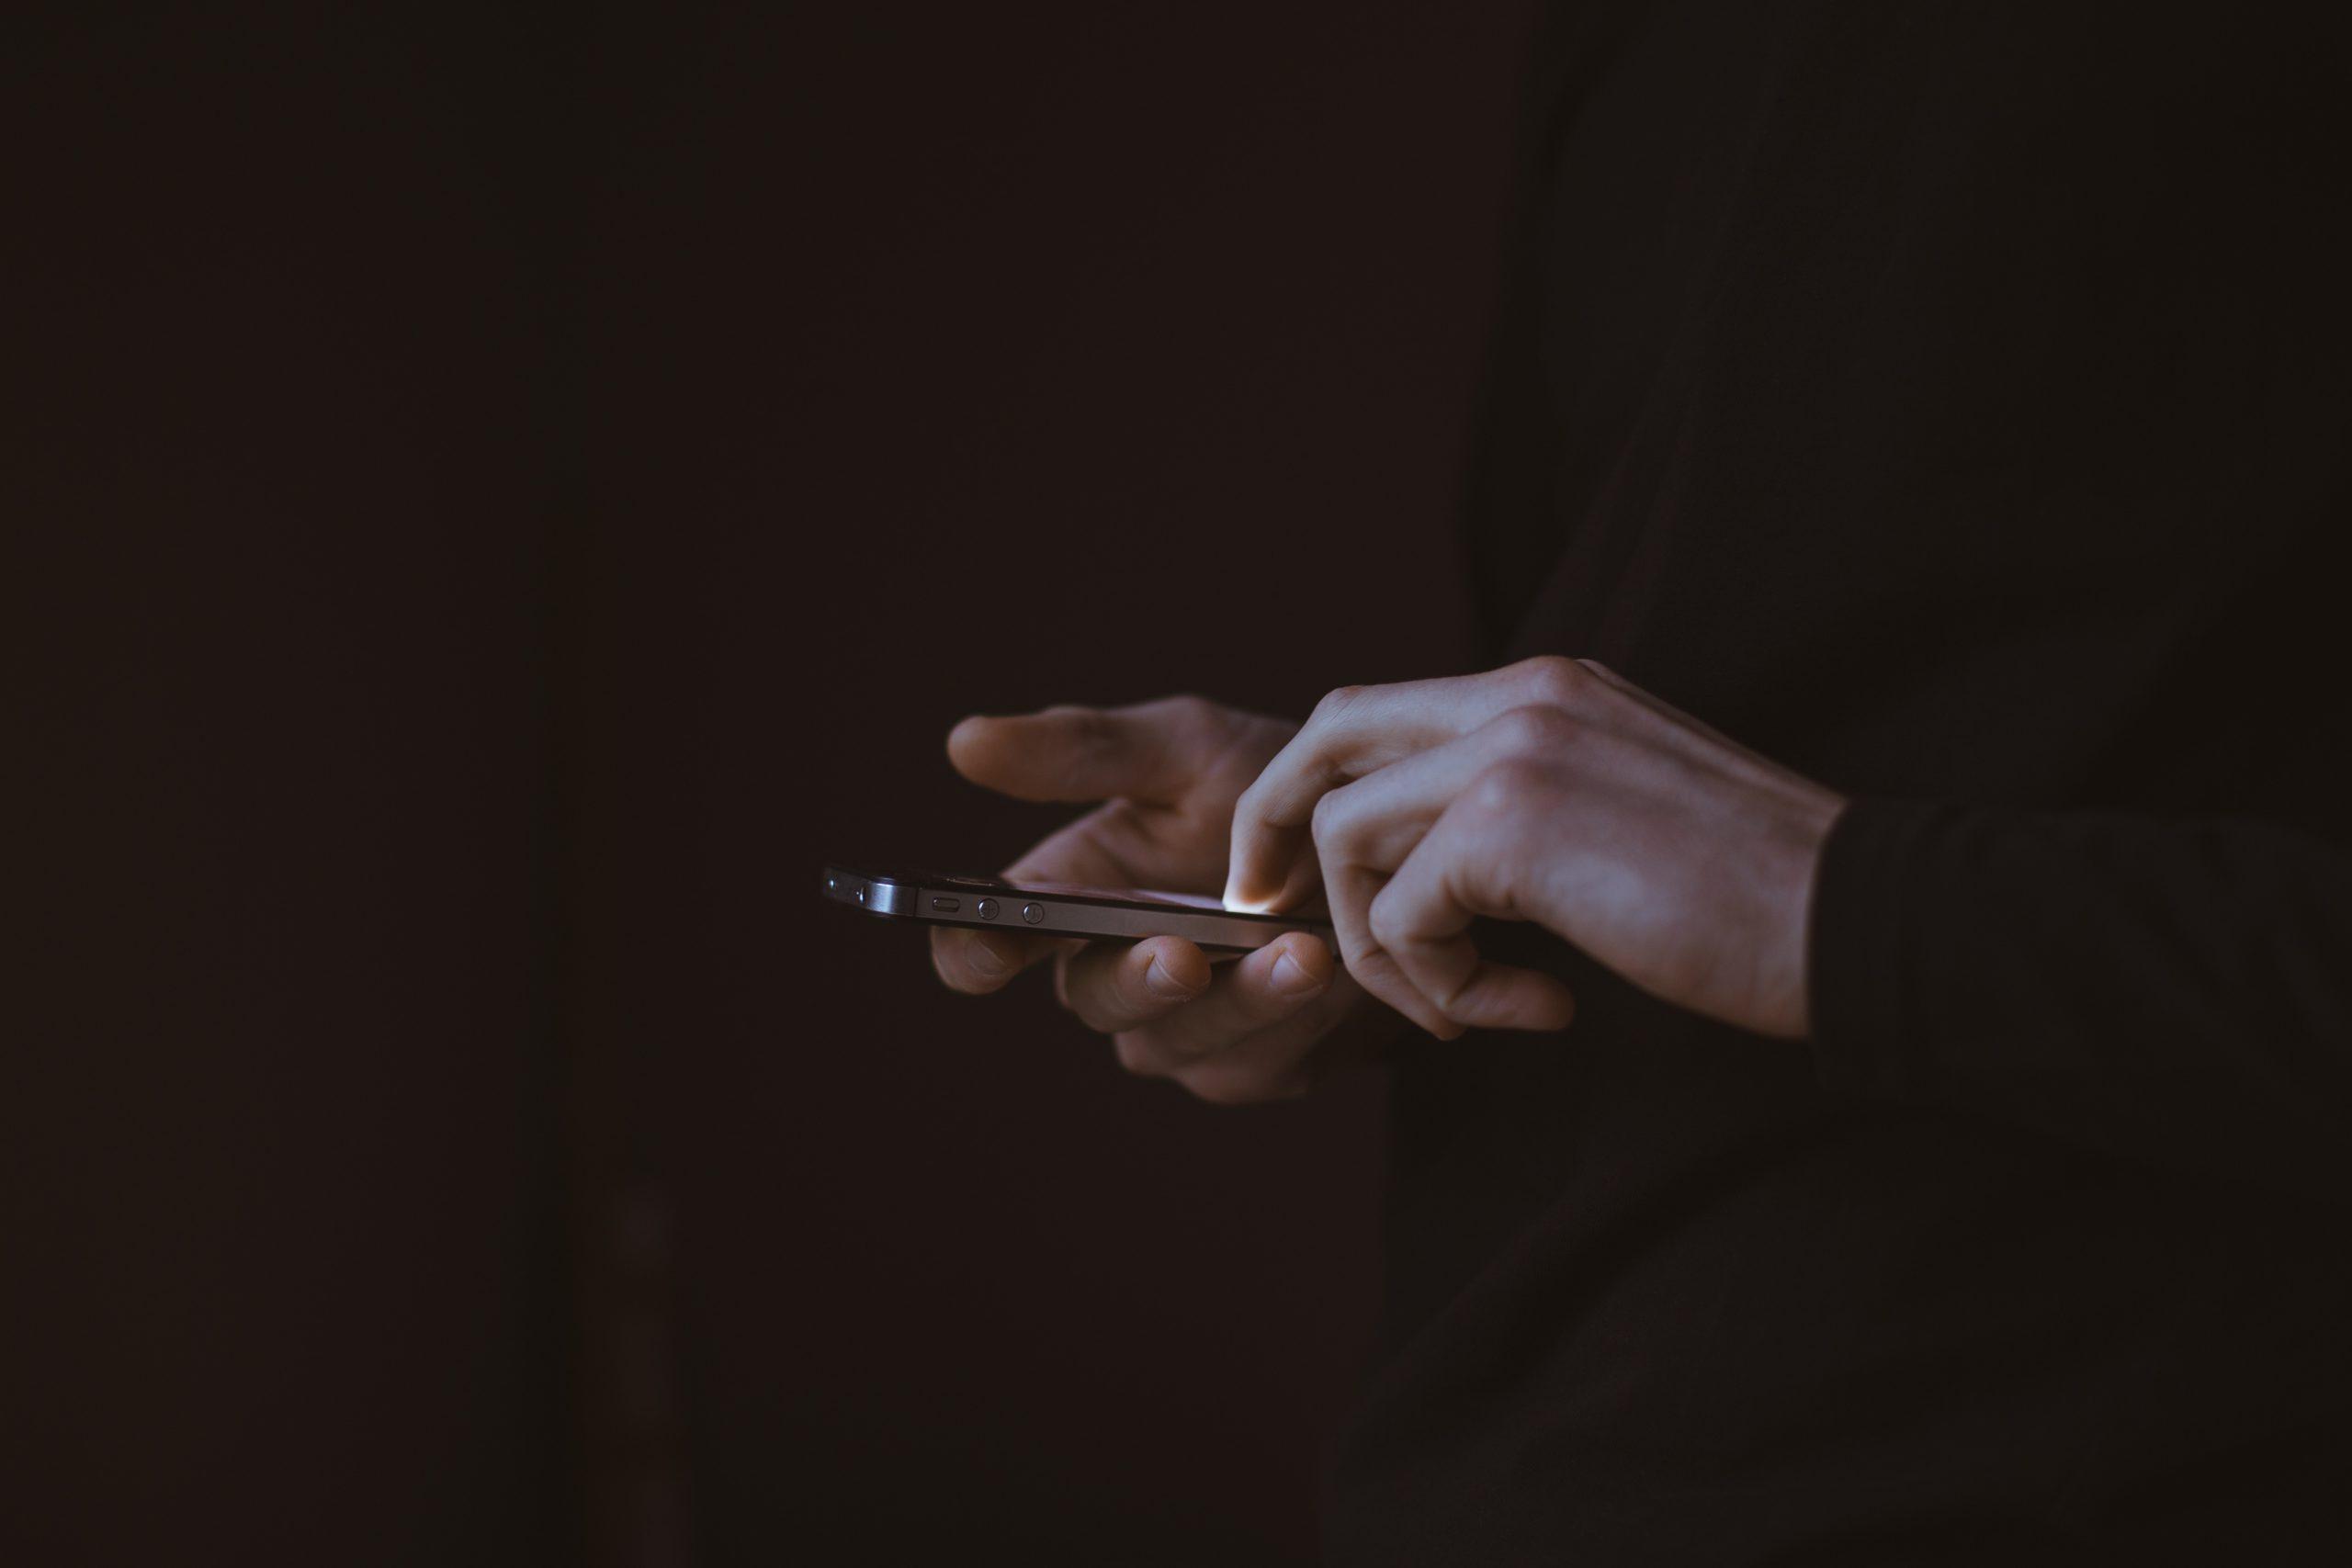 Ovládání iPhonu